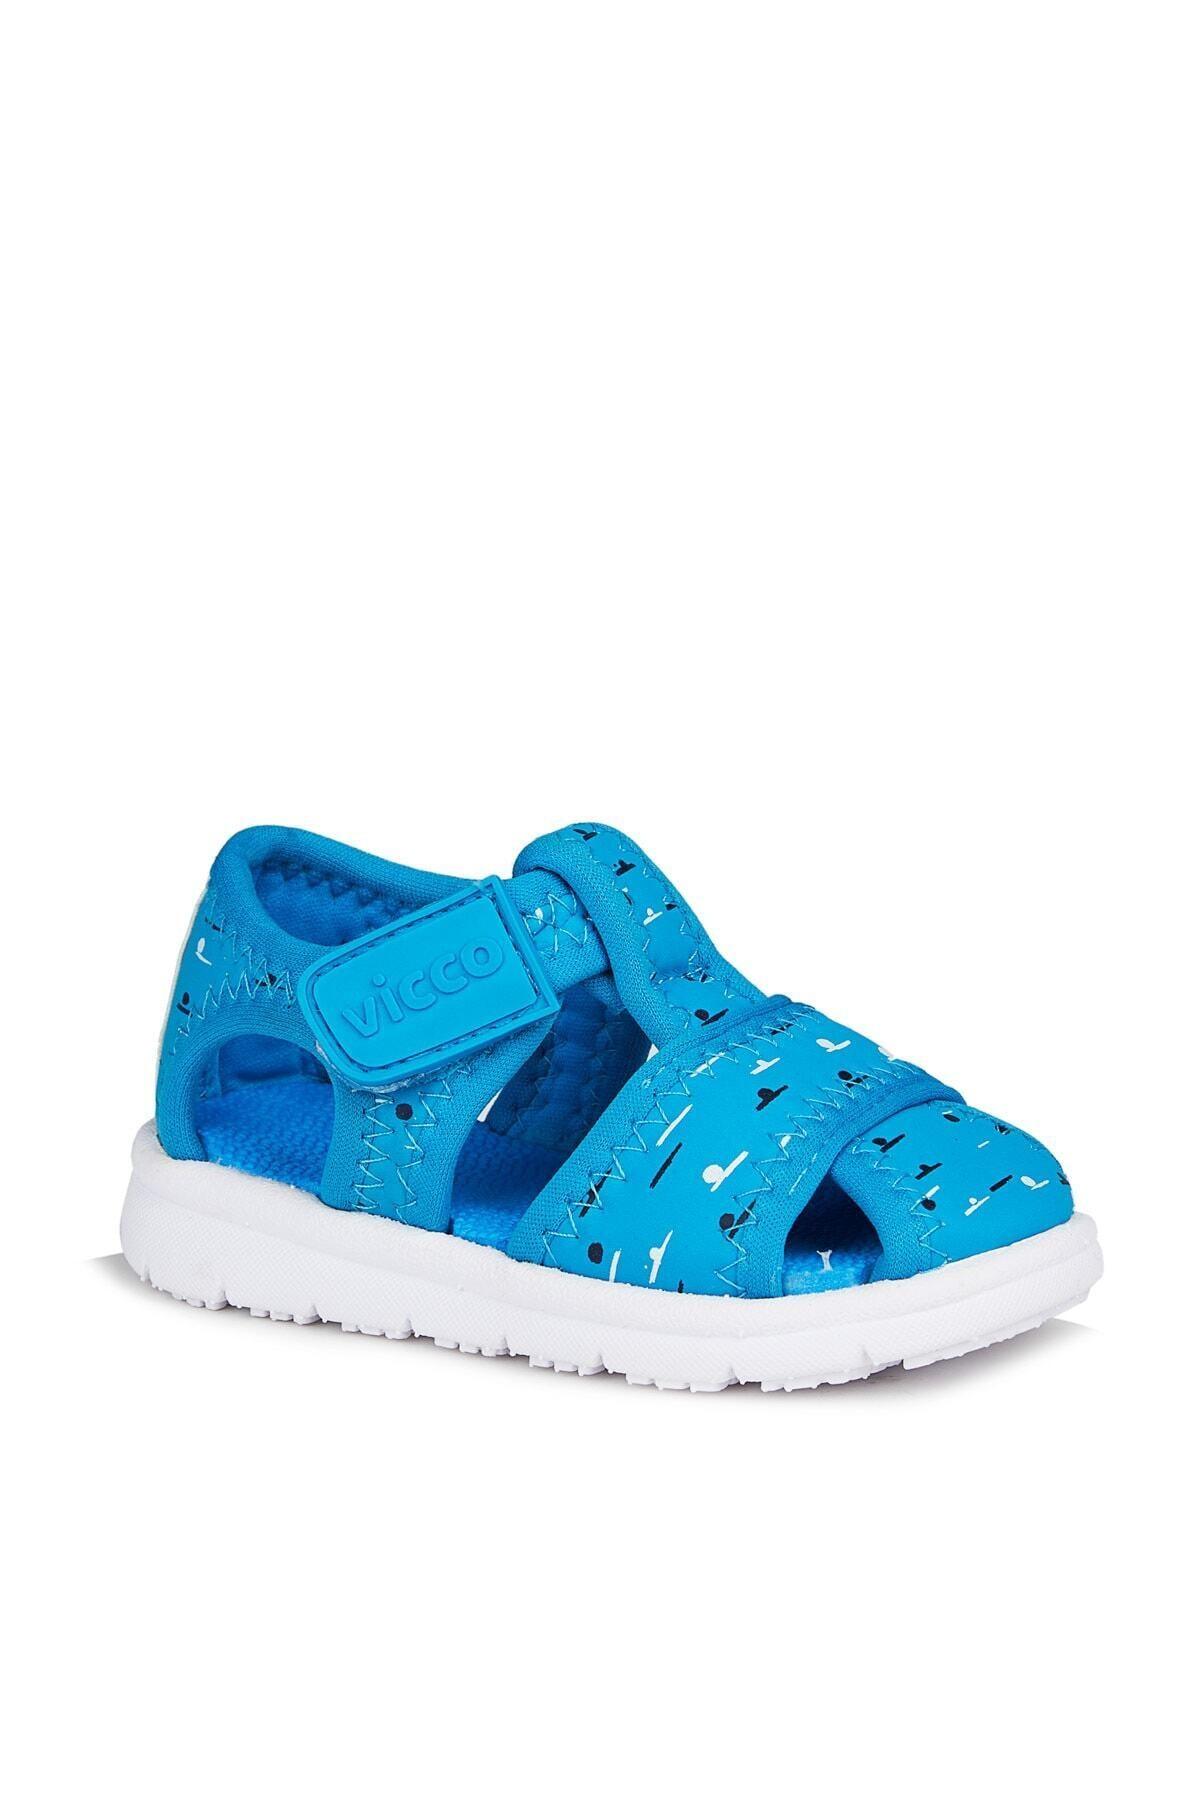 Vicco Bumba Erkek Çocuk Mavi Sandalet 1